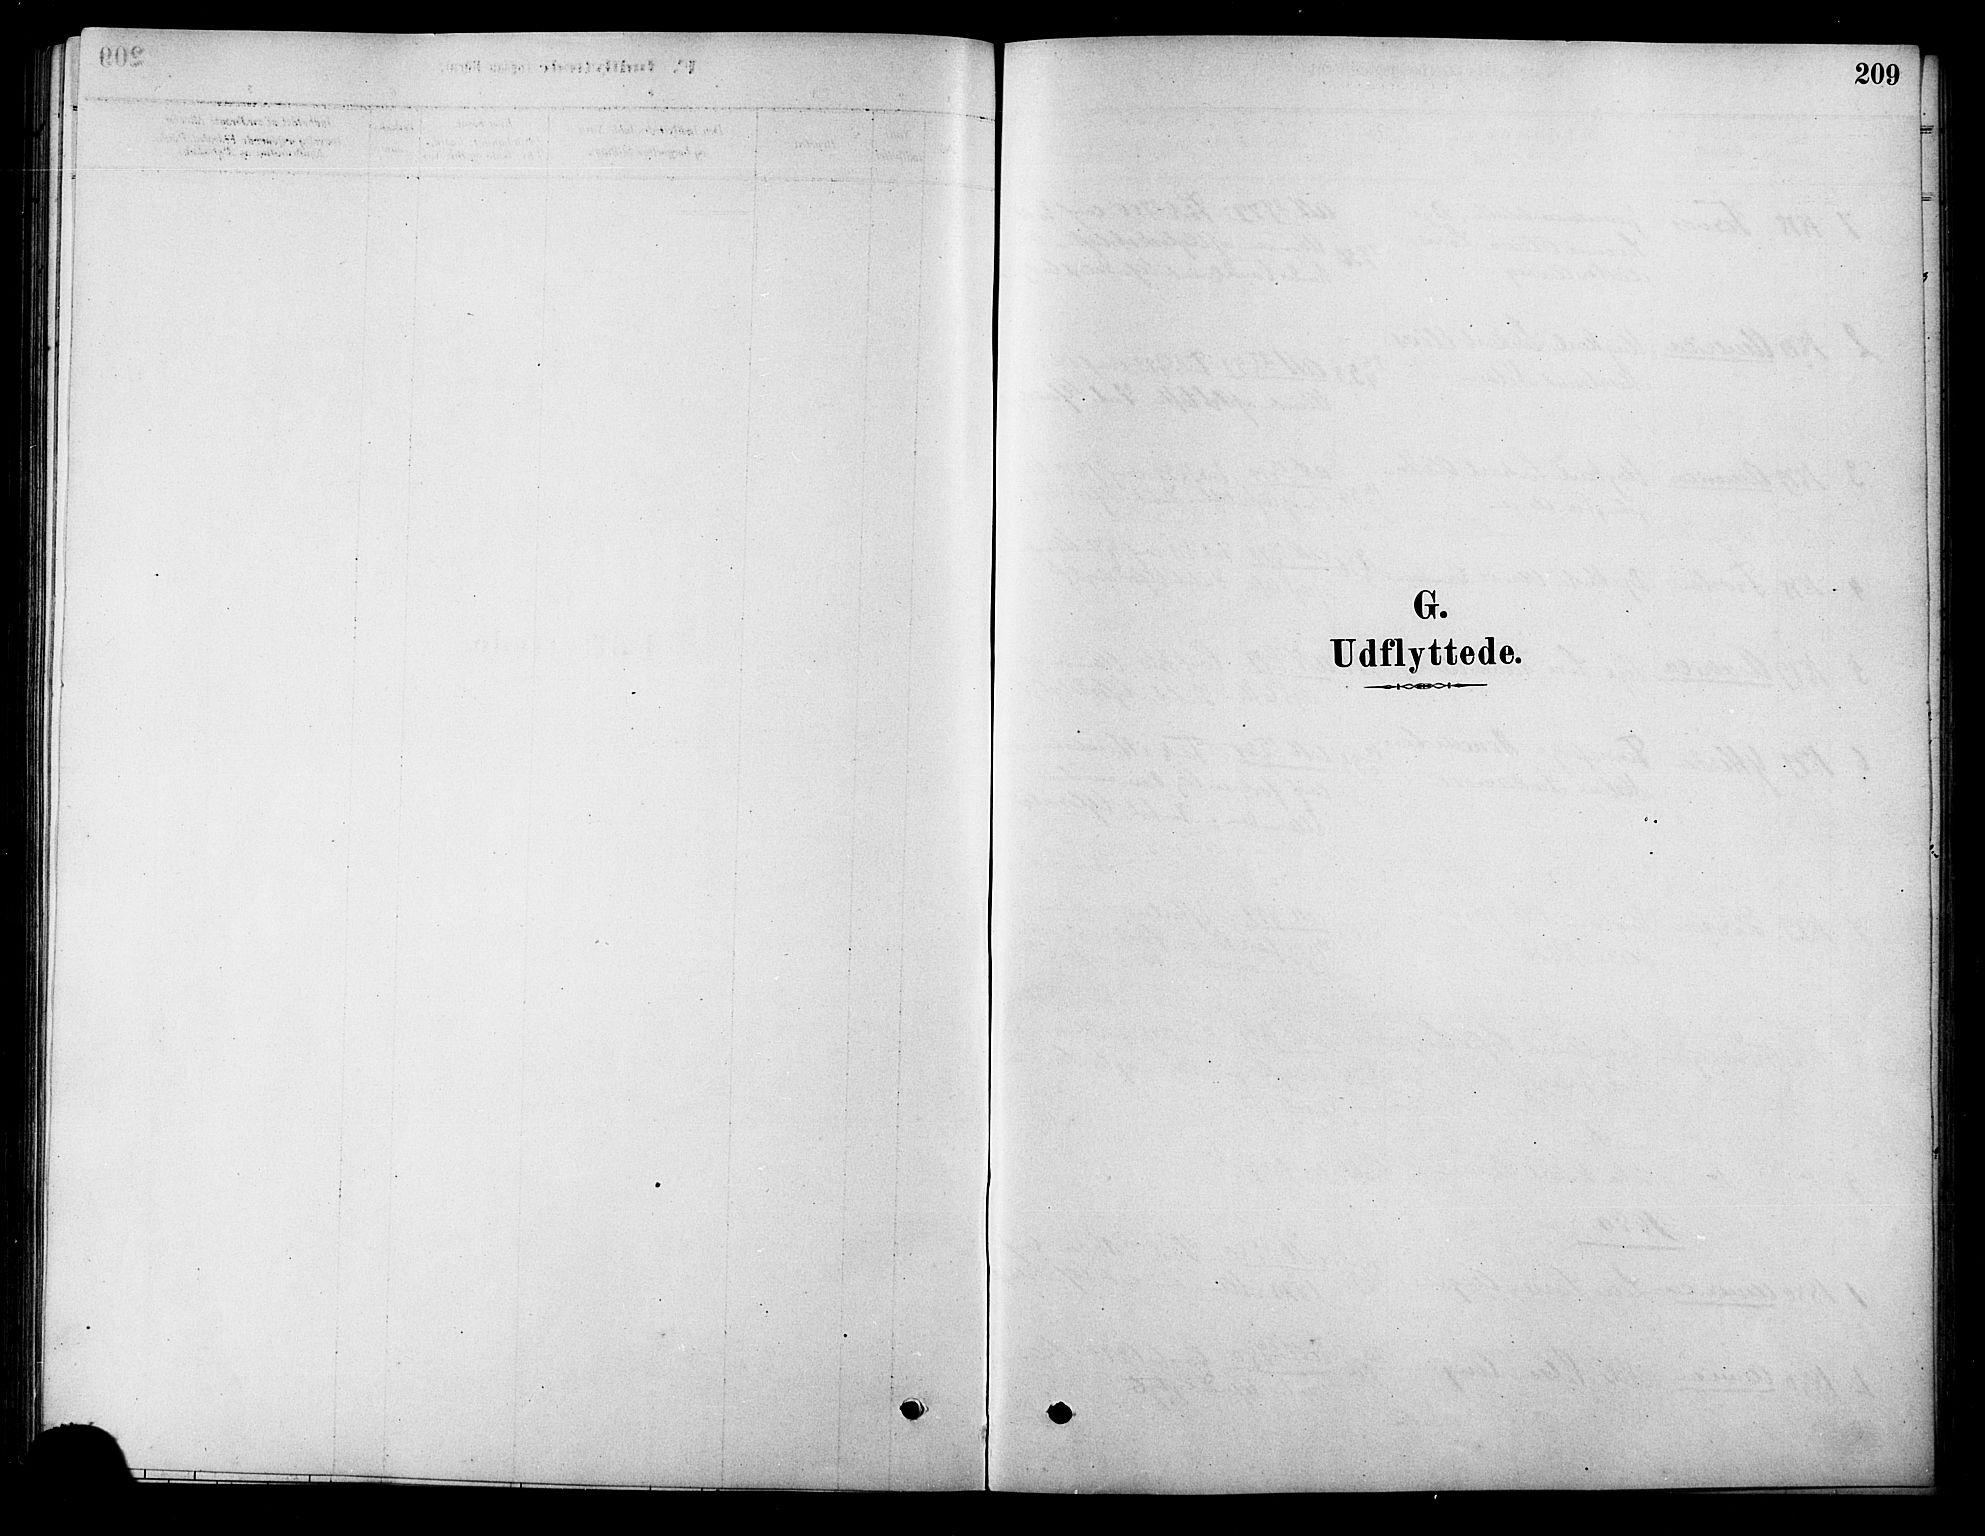 SAT, Ministerialprotokoller, klokkerbøker og fødselsregistre - Sør-Trøndelag, 658/L0722: Ministerialbok nr. 658A01, 1879-1896, s. 209